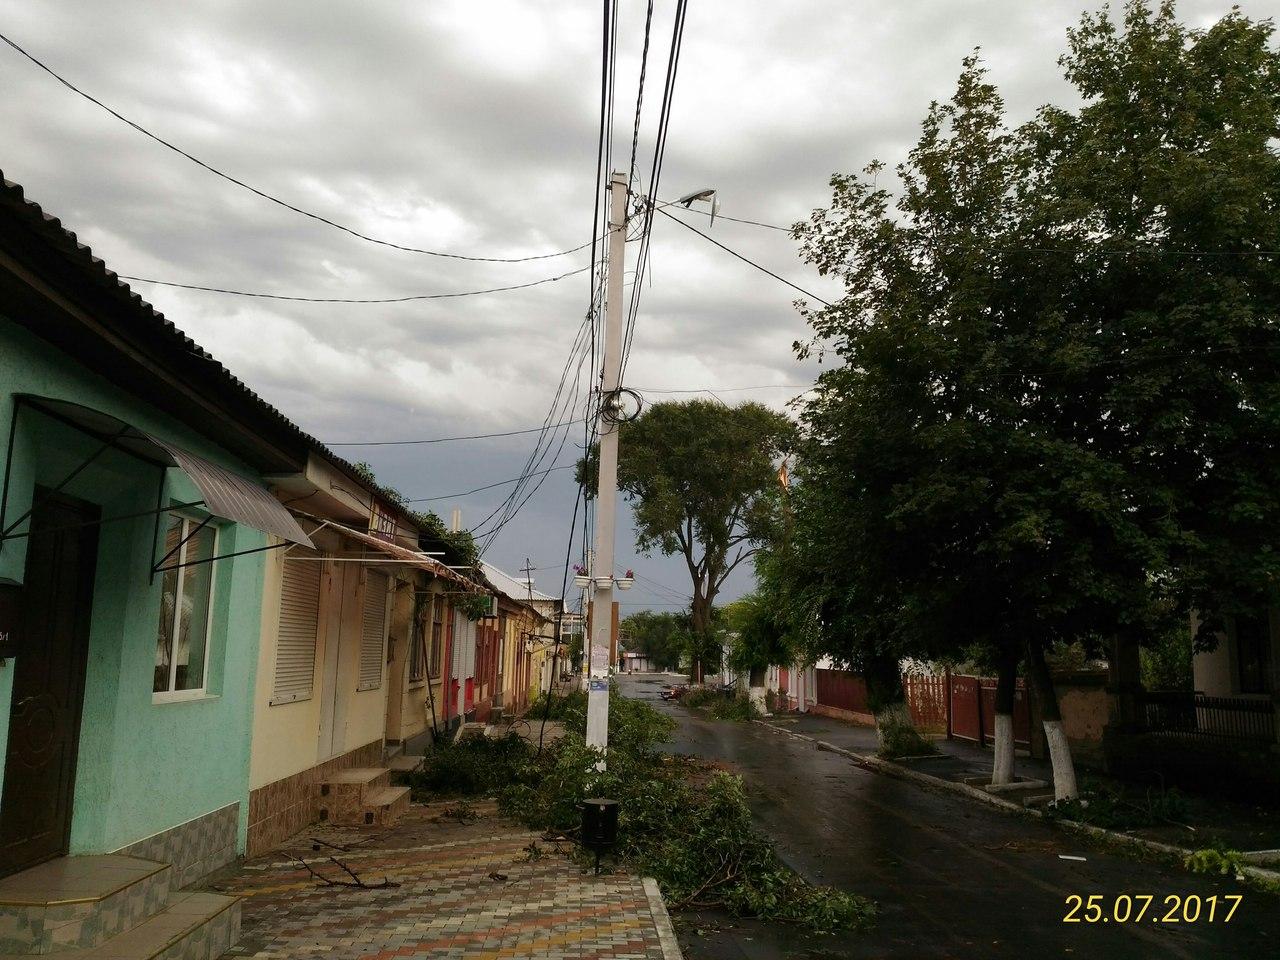 URkr-SmHjV8 По Рени и району прокатился ураган, принесший немало хлопот коммунальщикам, местным жителям и фермерам